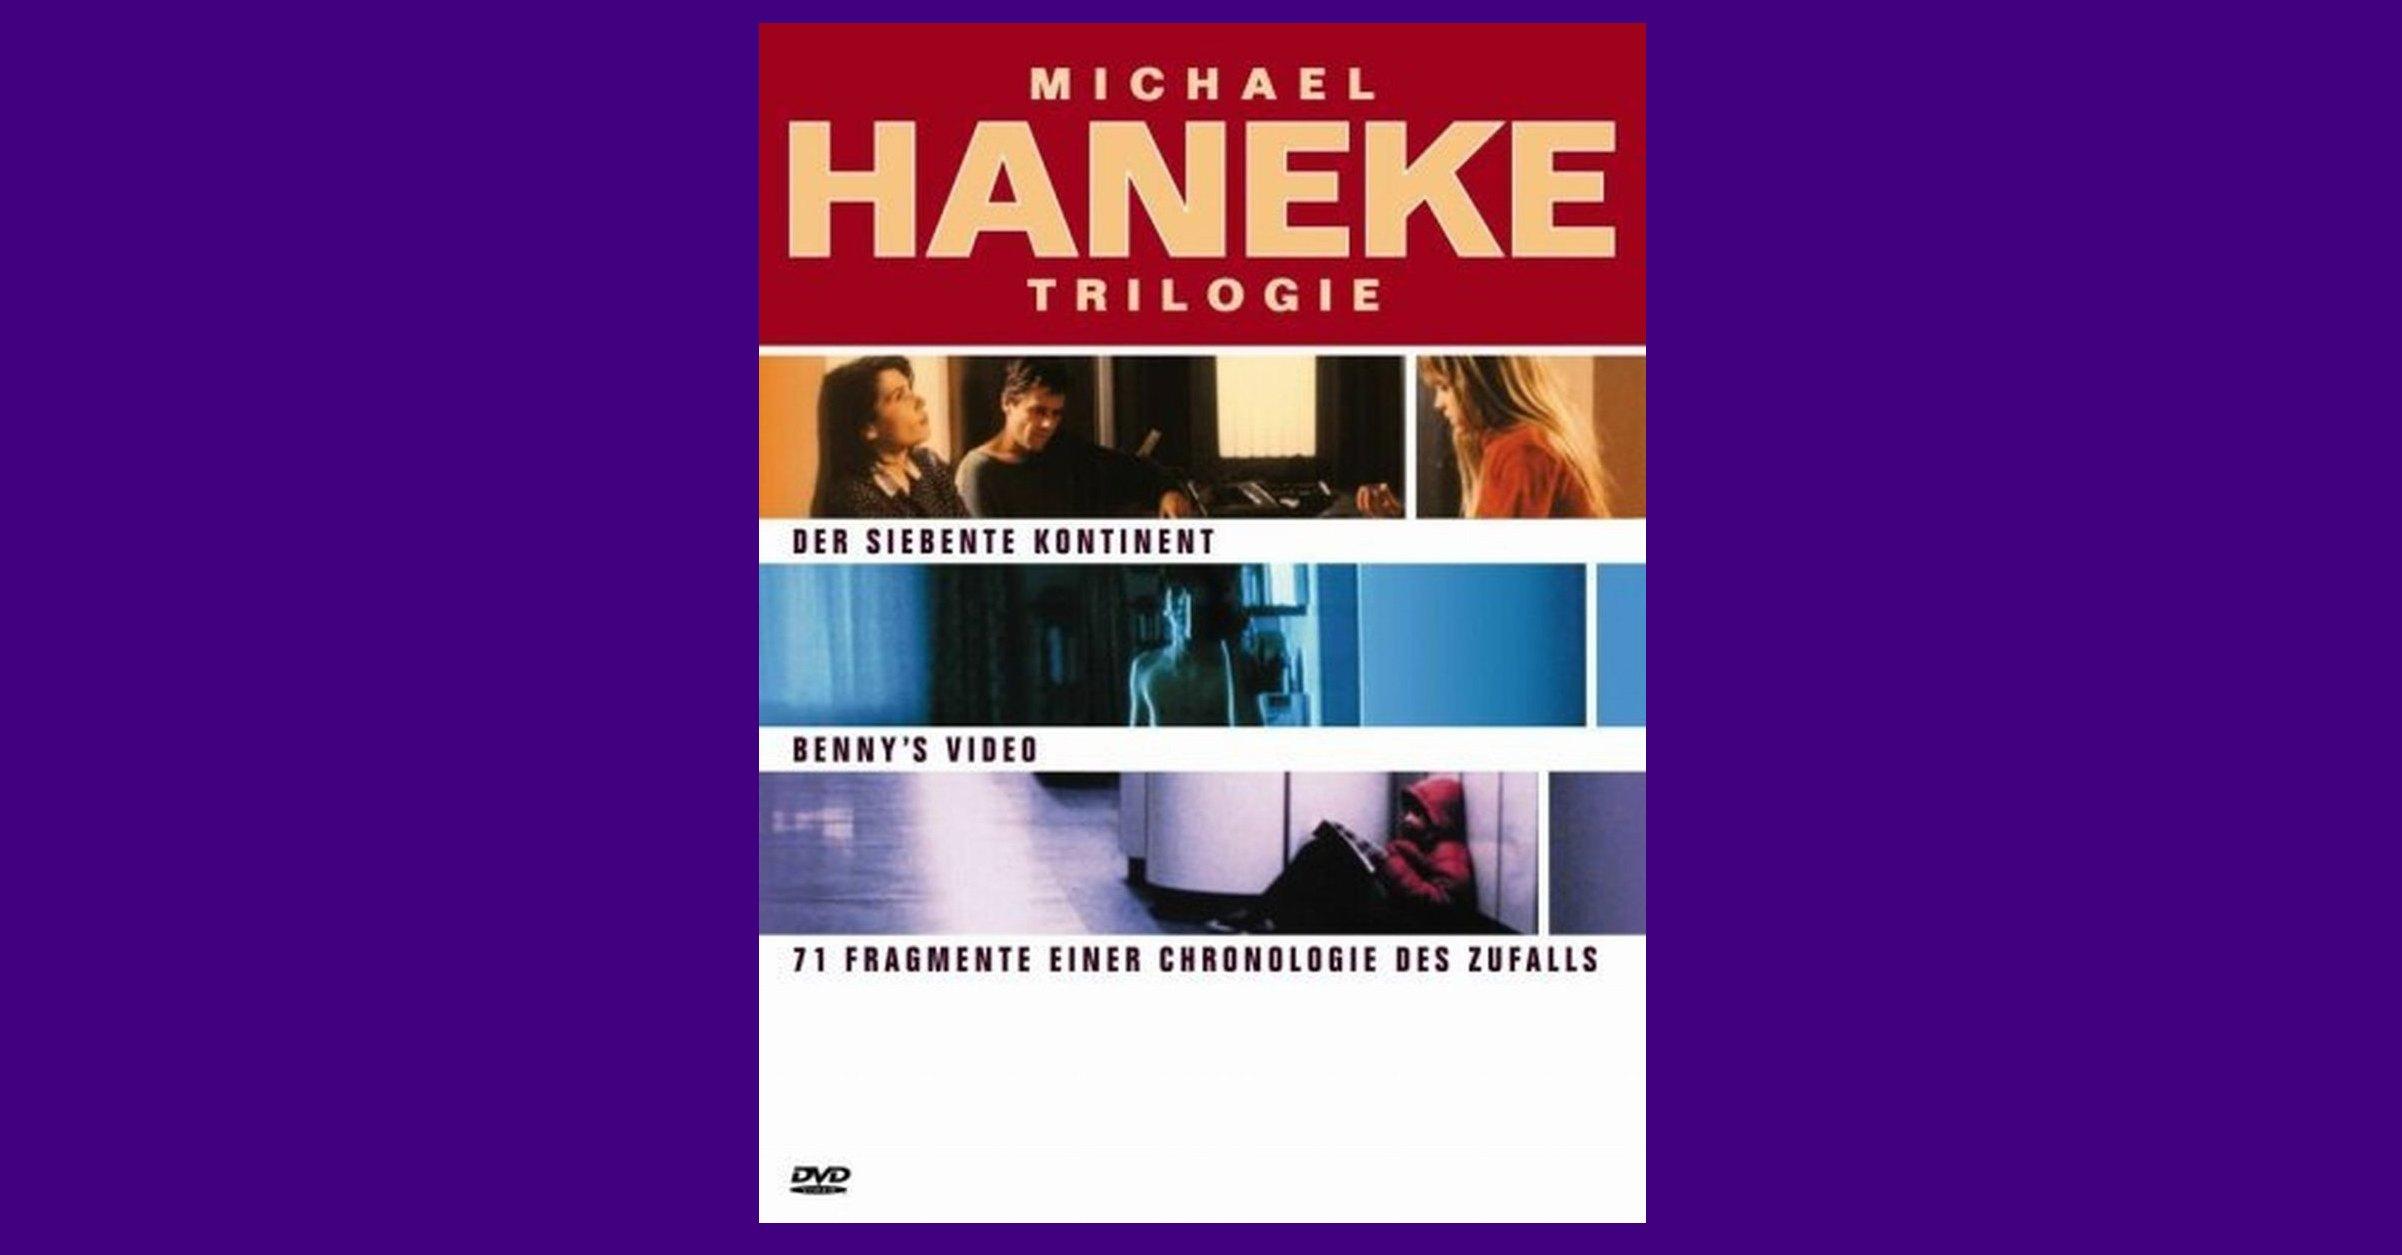 Michael_Haneke_Trilogie-Packshot-DVD-Box